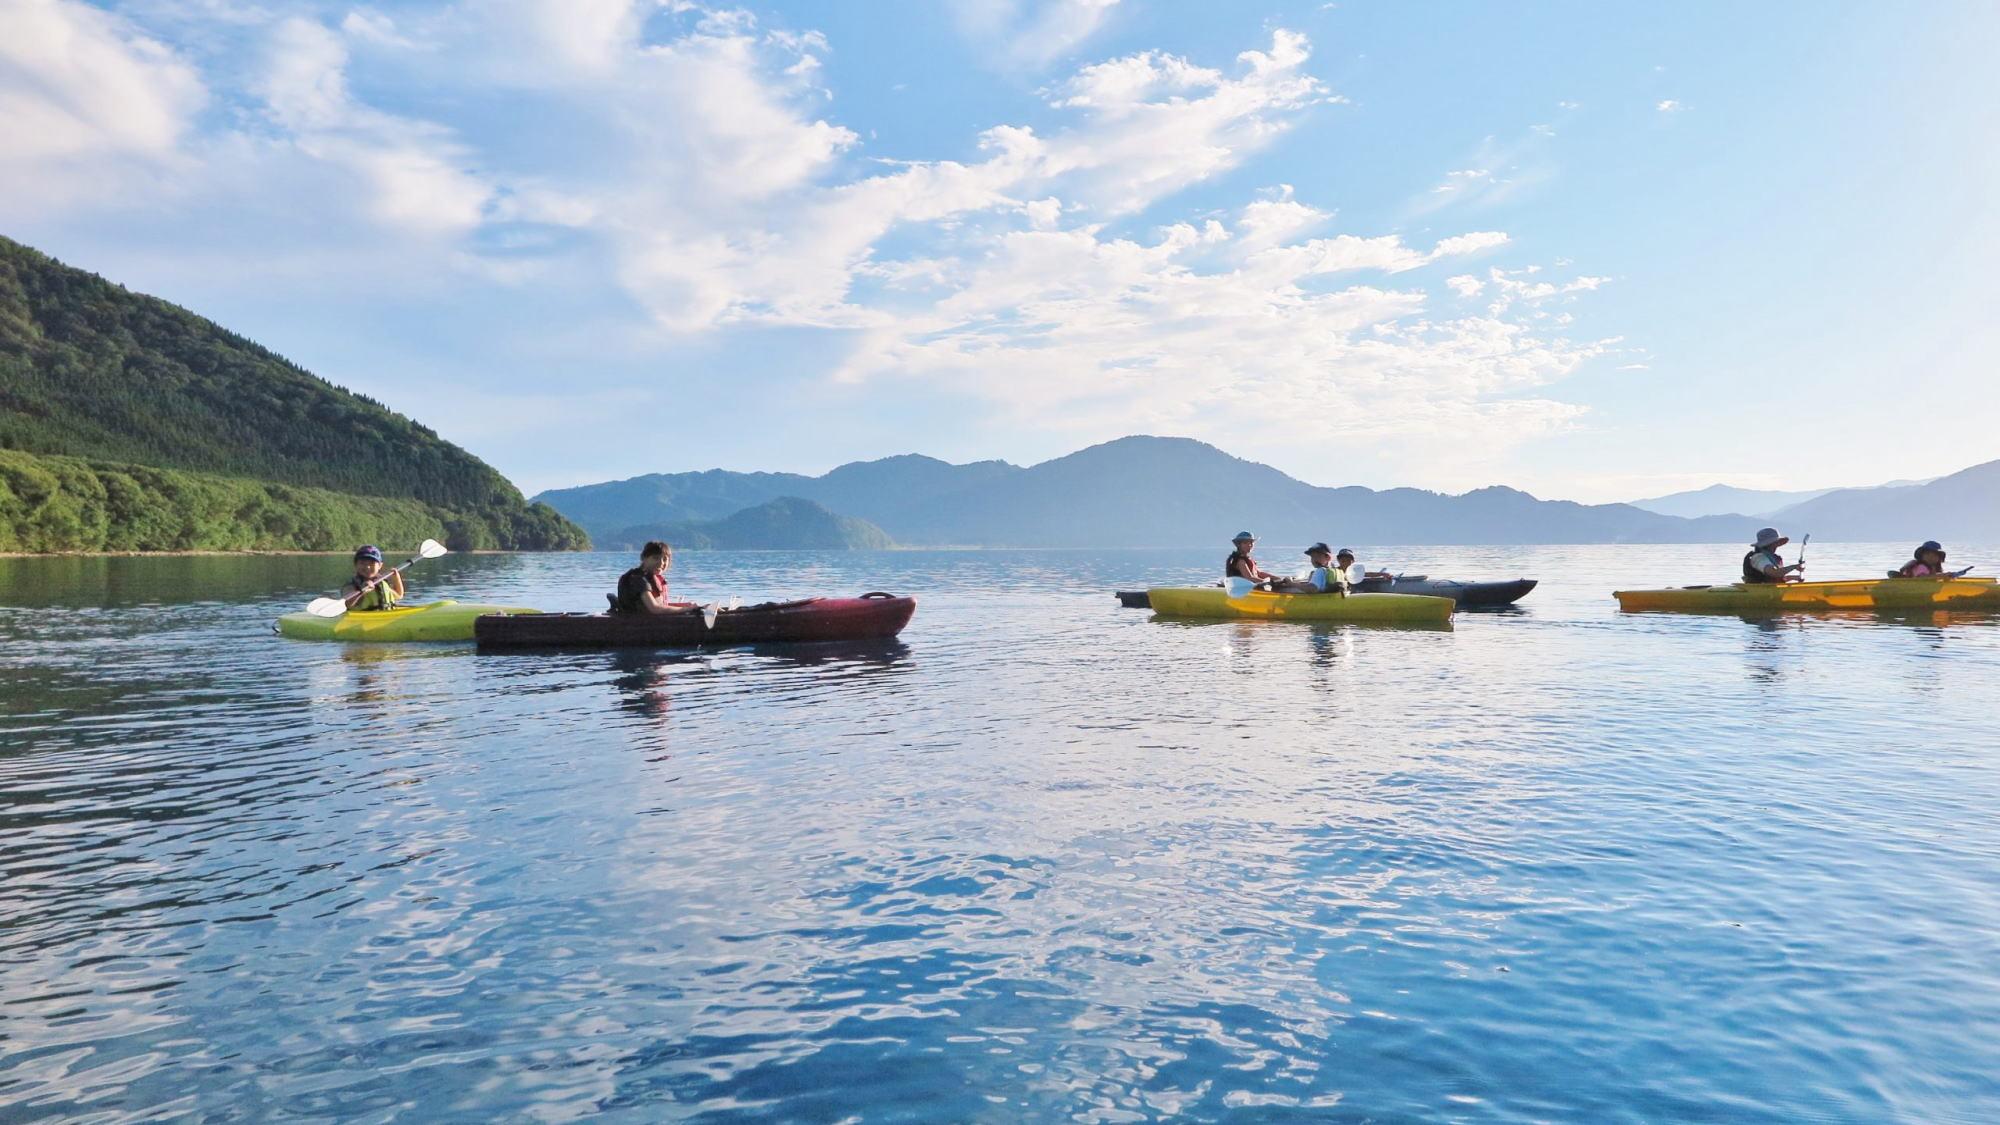 【田沢湖カヤックツアー体験付き!】田沢湖の大自然を満喫♪ご夕食は秋田の郷土バイキング